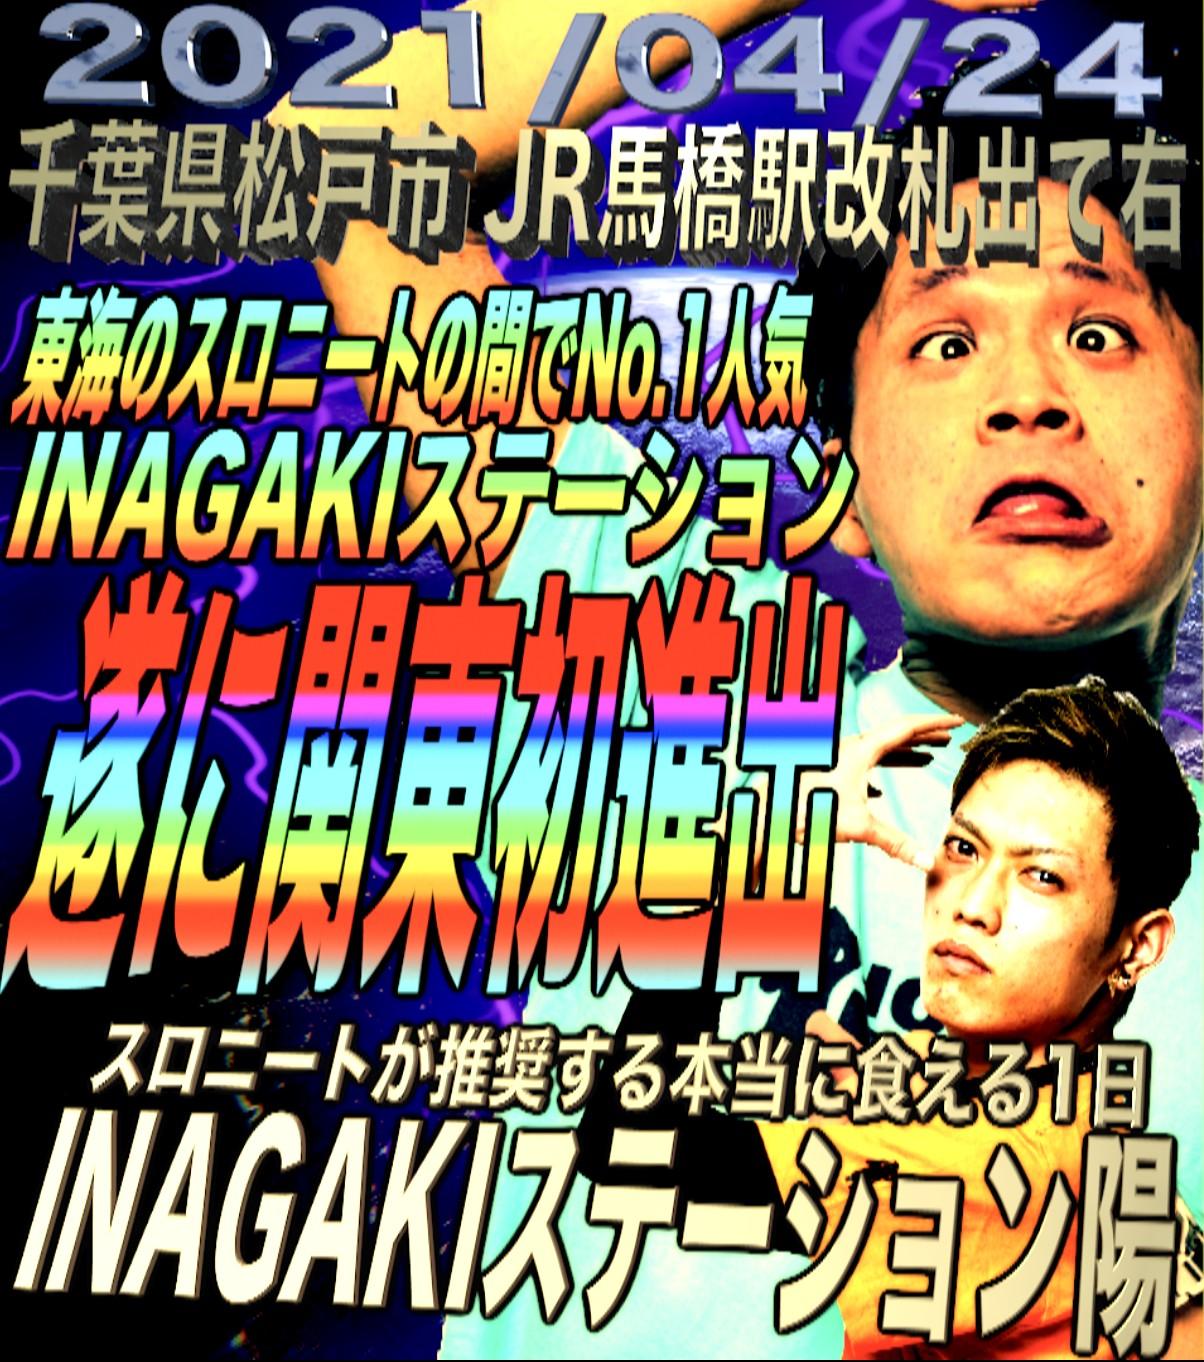 初関東!INAGAKIステーション!